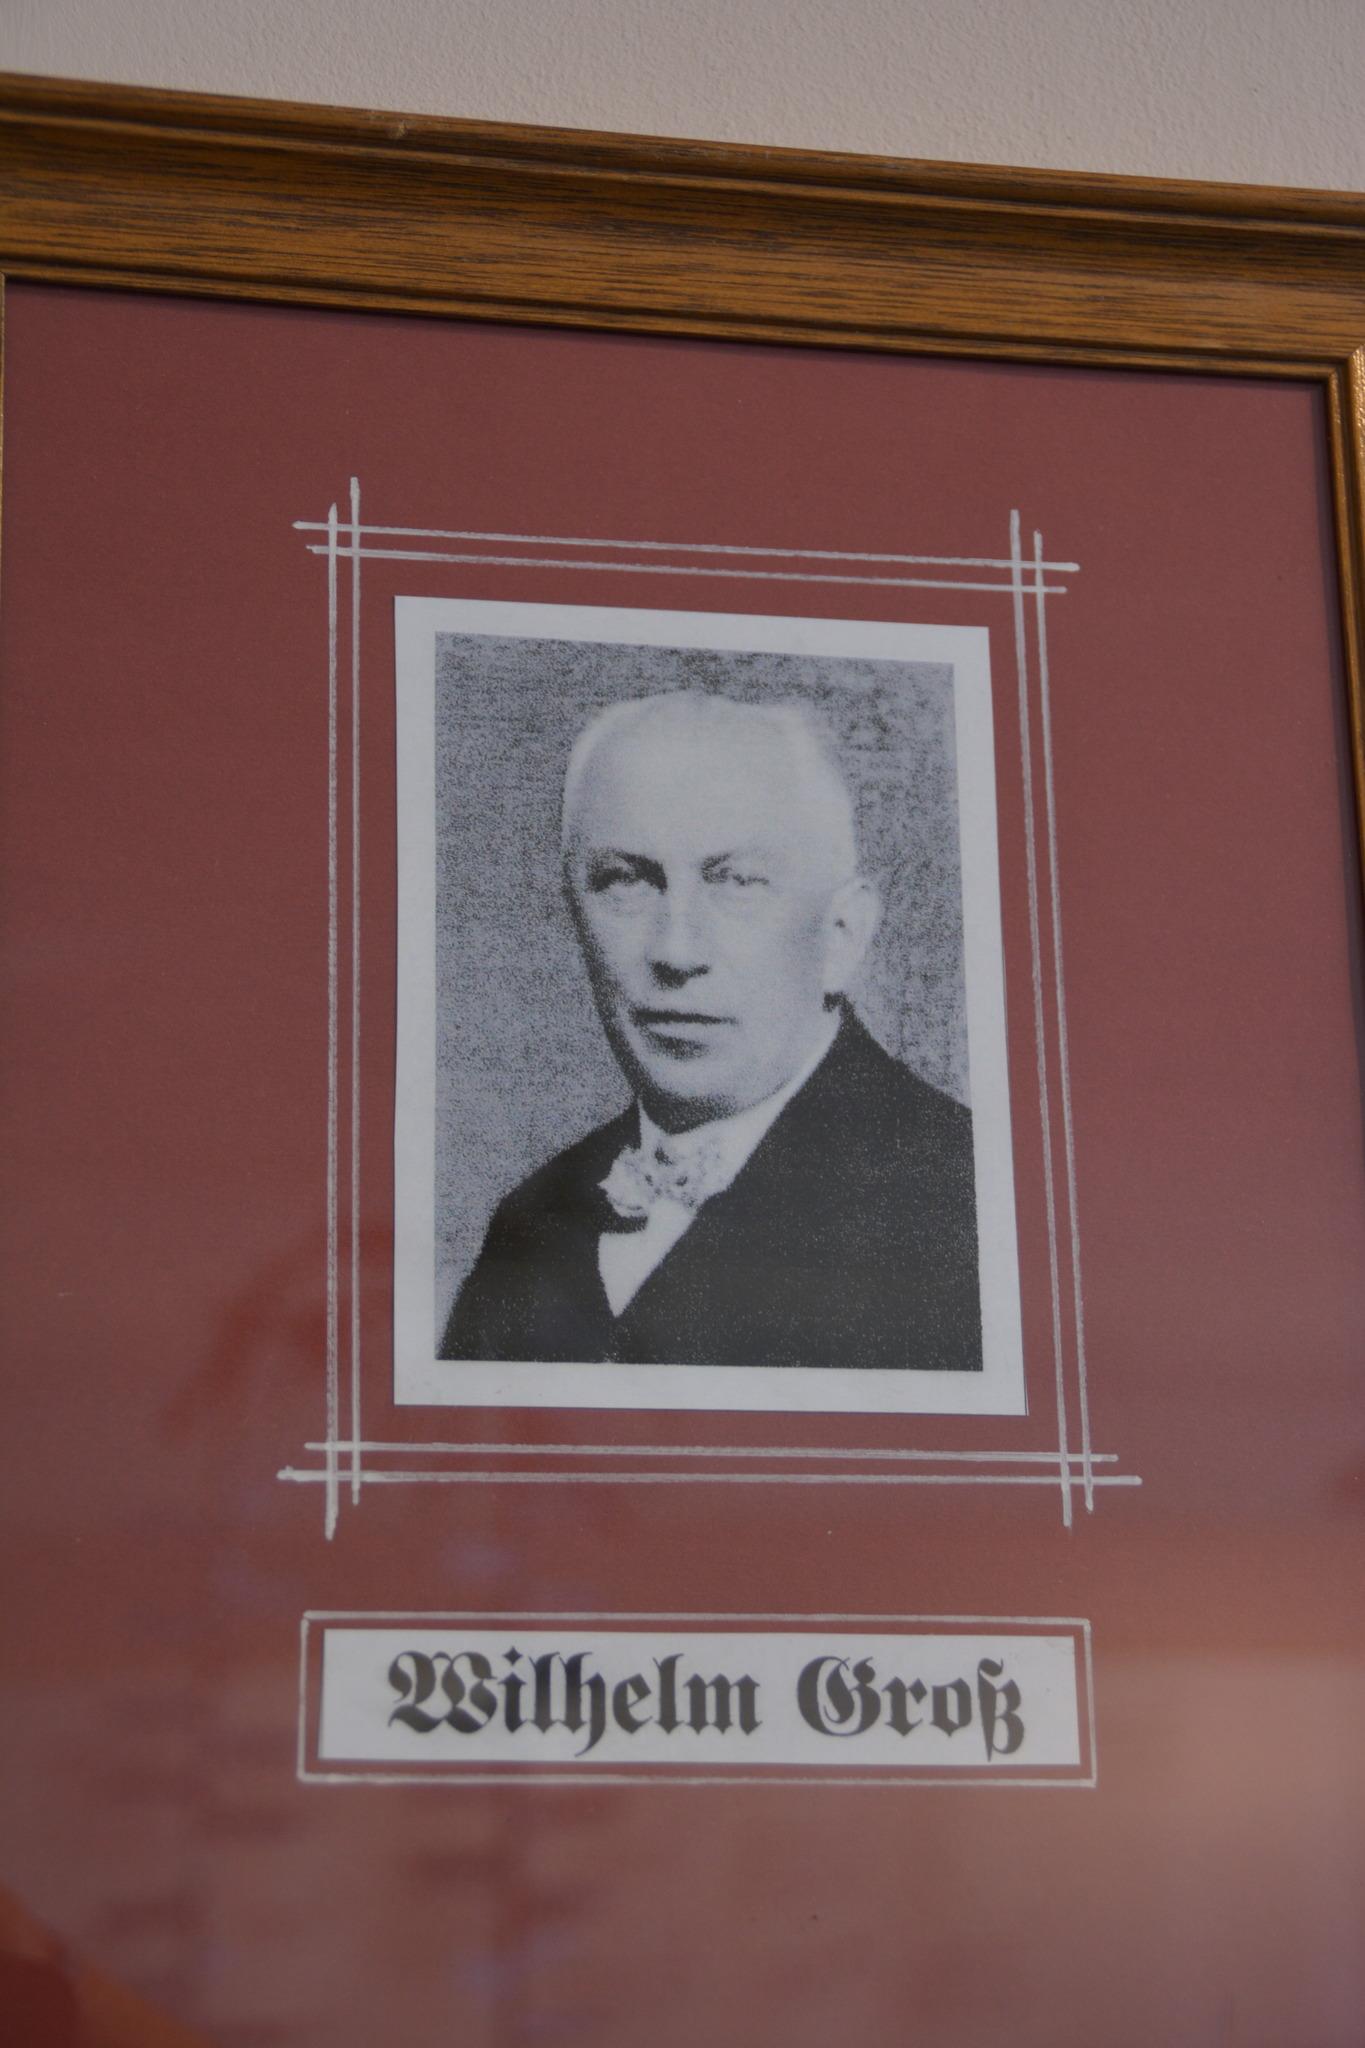 Anno Wilhelm